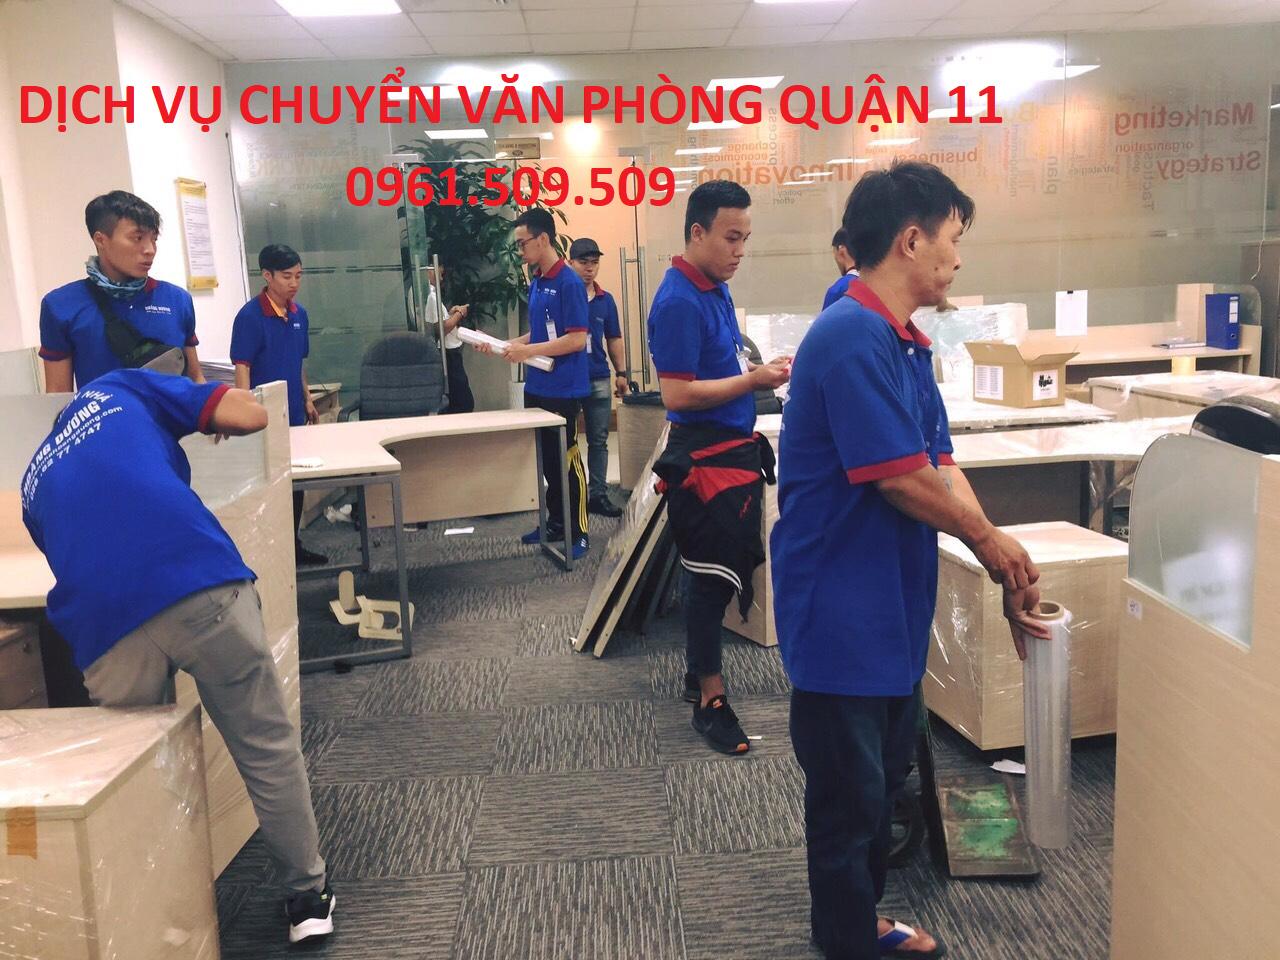 Dịch vụ chuyển văn phòng quận 11